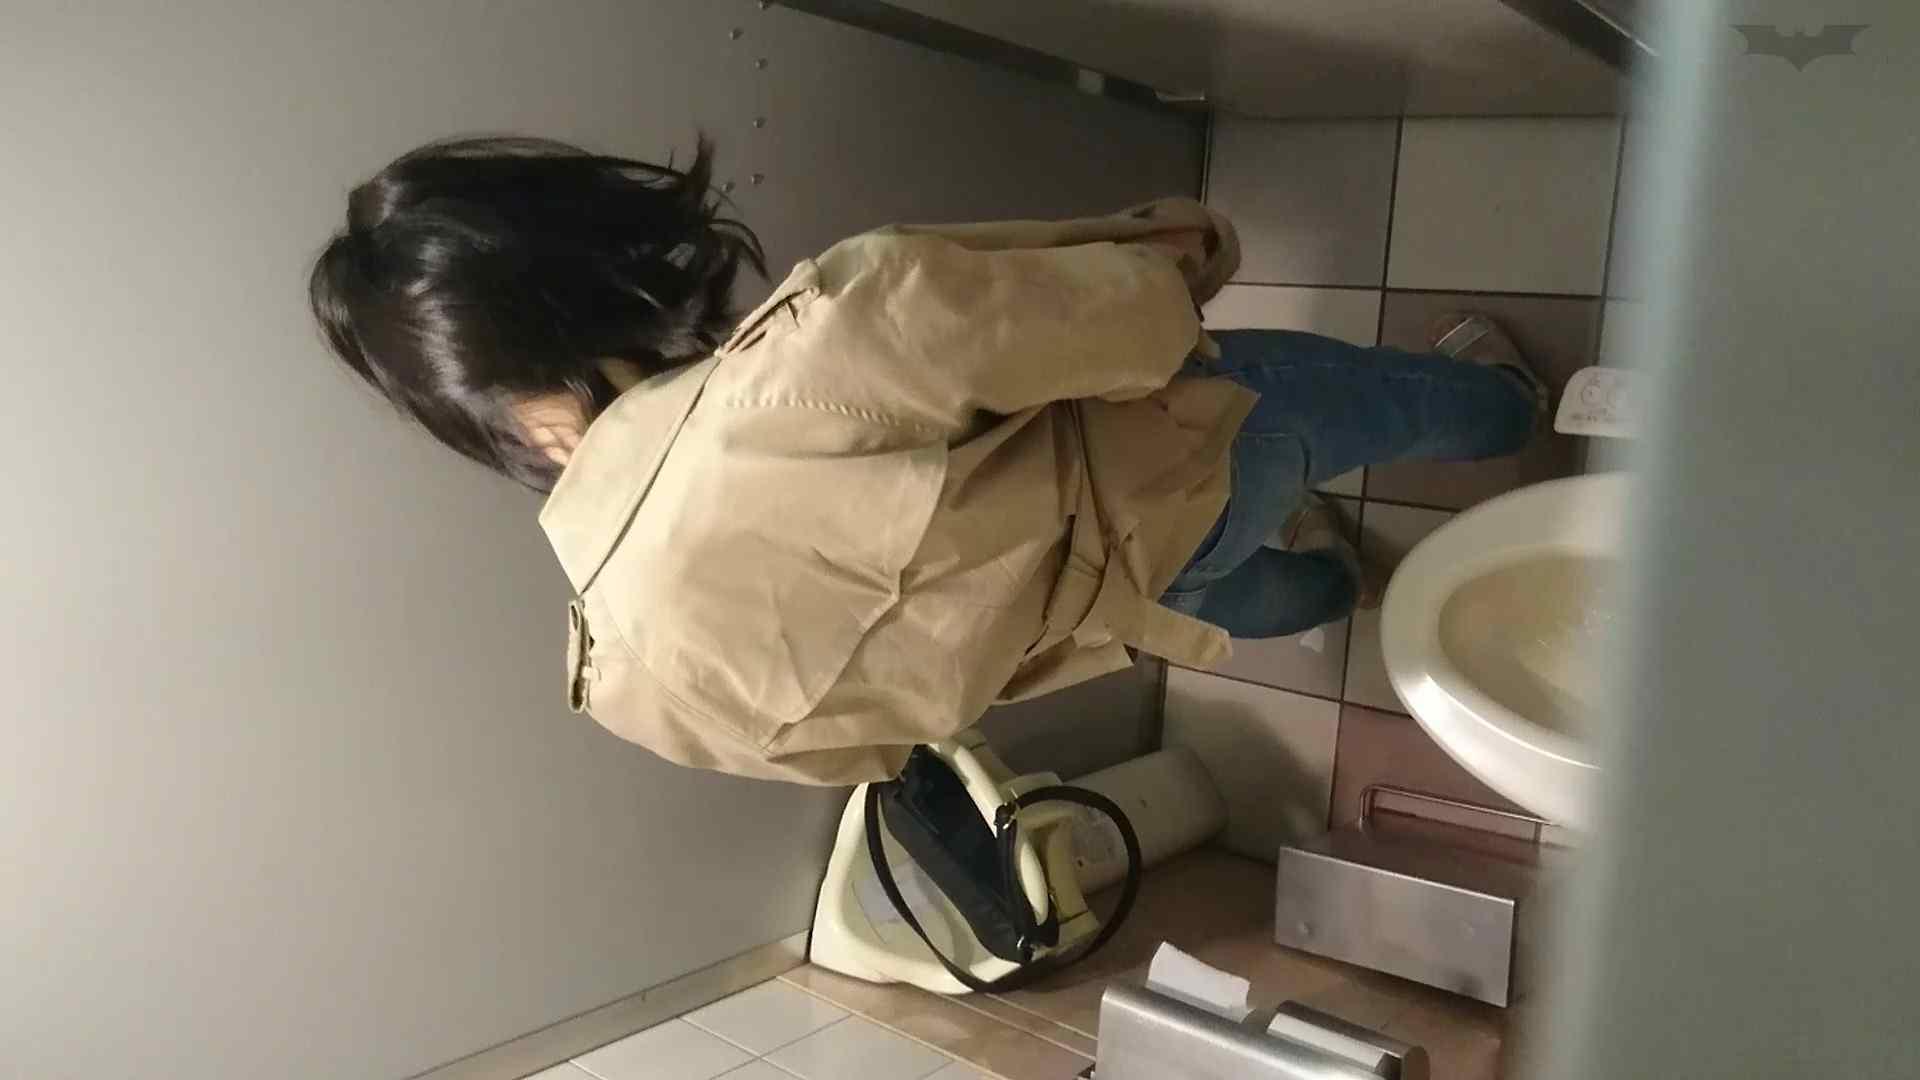 化粧室絵巻 ショッピングモール編 VOL.22 OL | 0  79連発 14